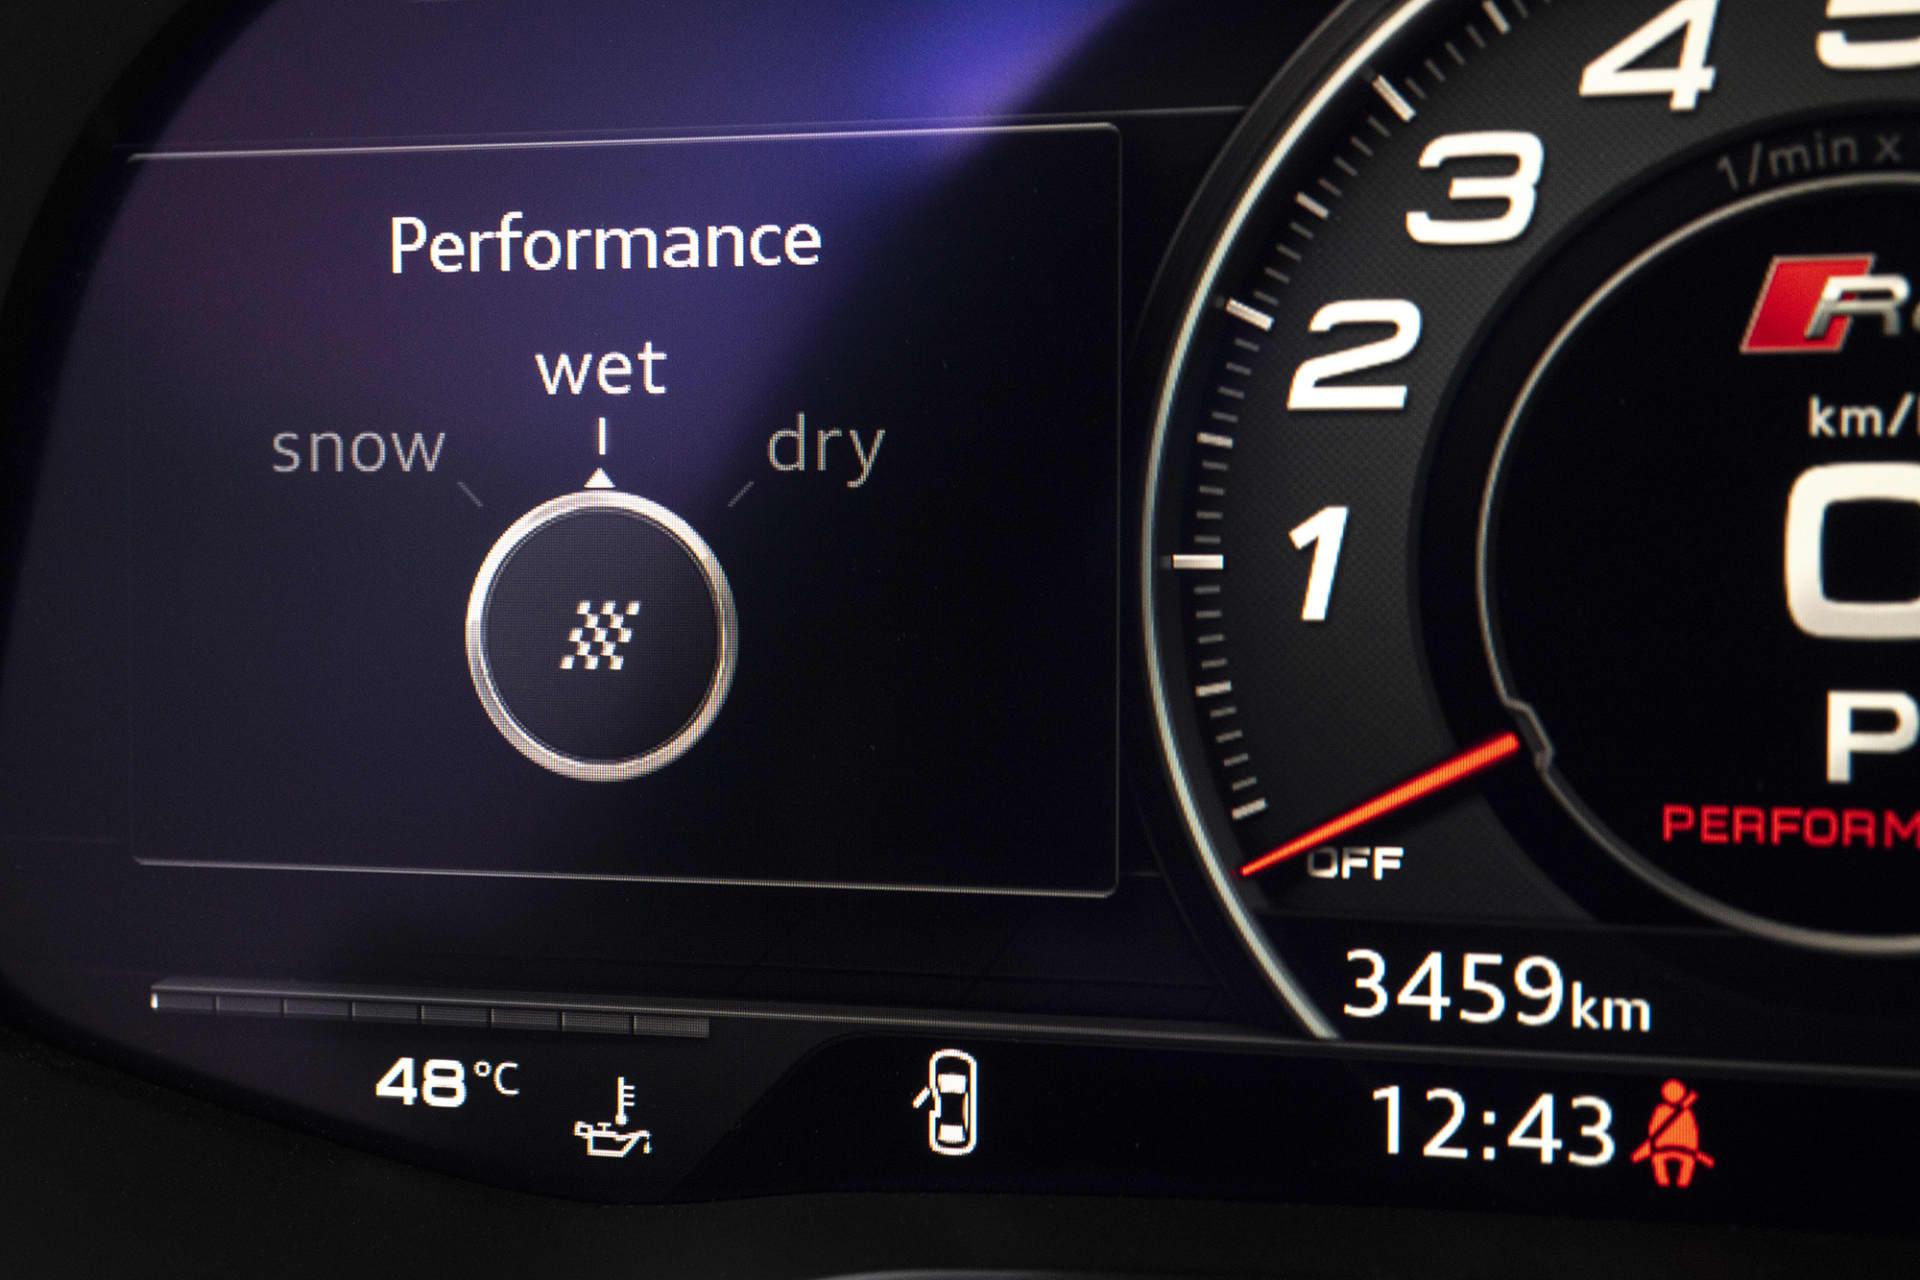 """Numera är mätarna helt digitala i Audi R8. Vad som även är nytt är de olika lägena för Performance ESP systemet. Nu kan man välja mellan """"Snow"""", """"Wet"""" och """"Dry""""."""